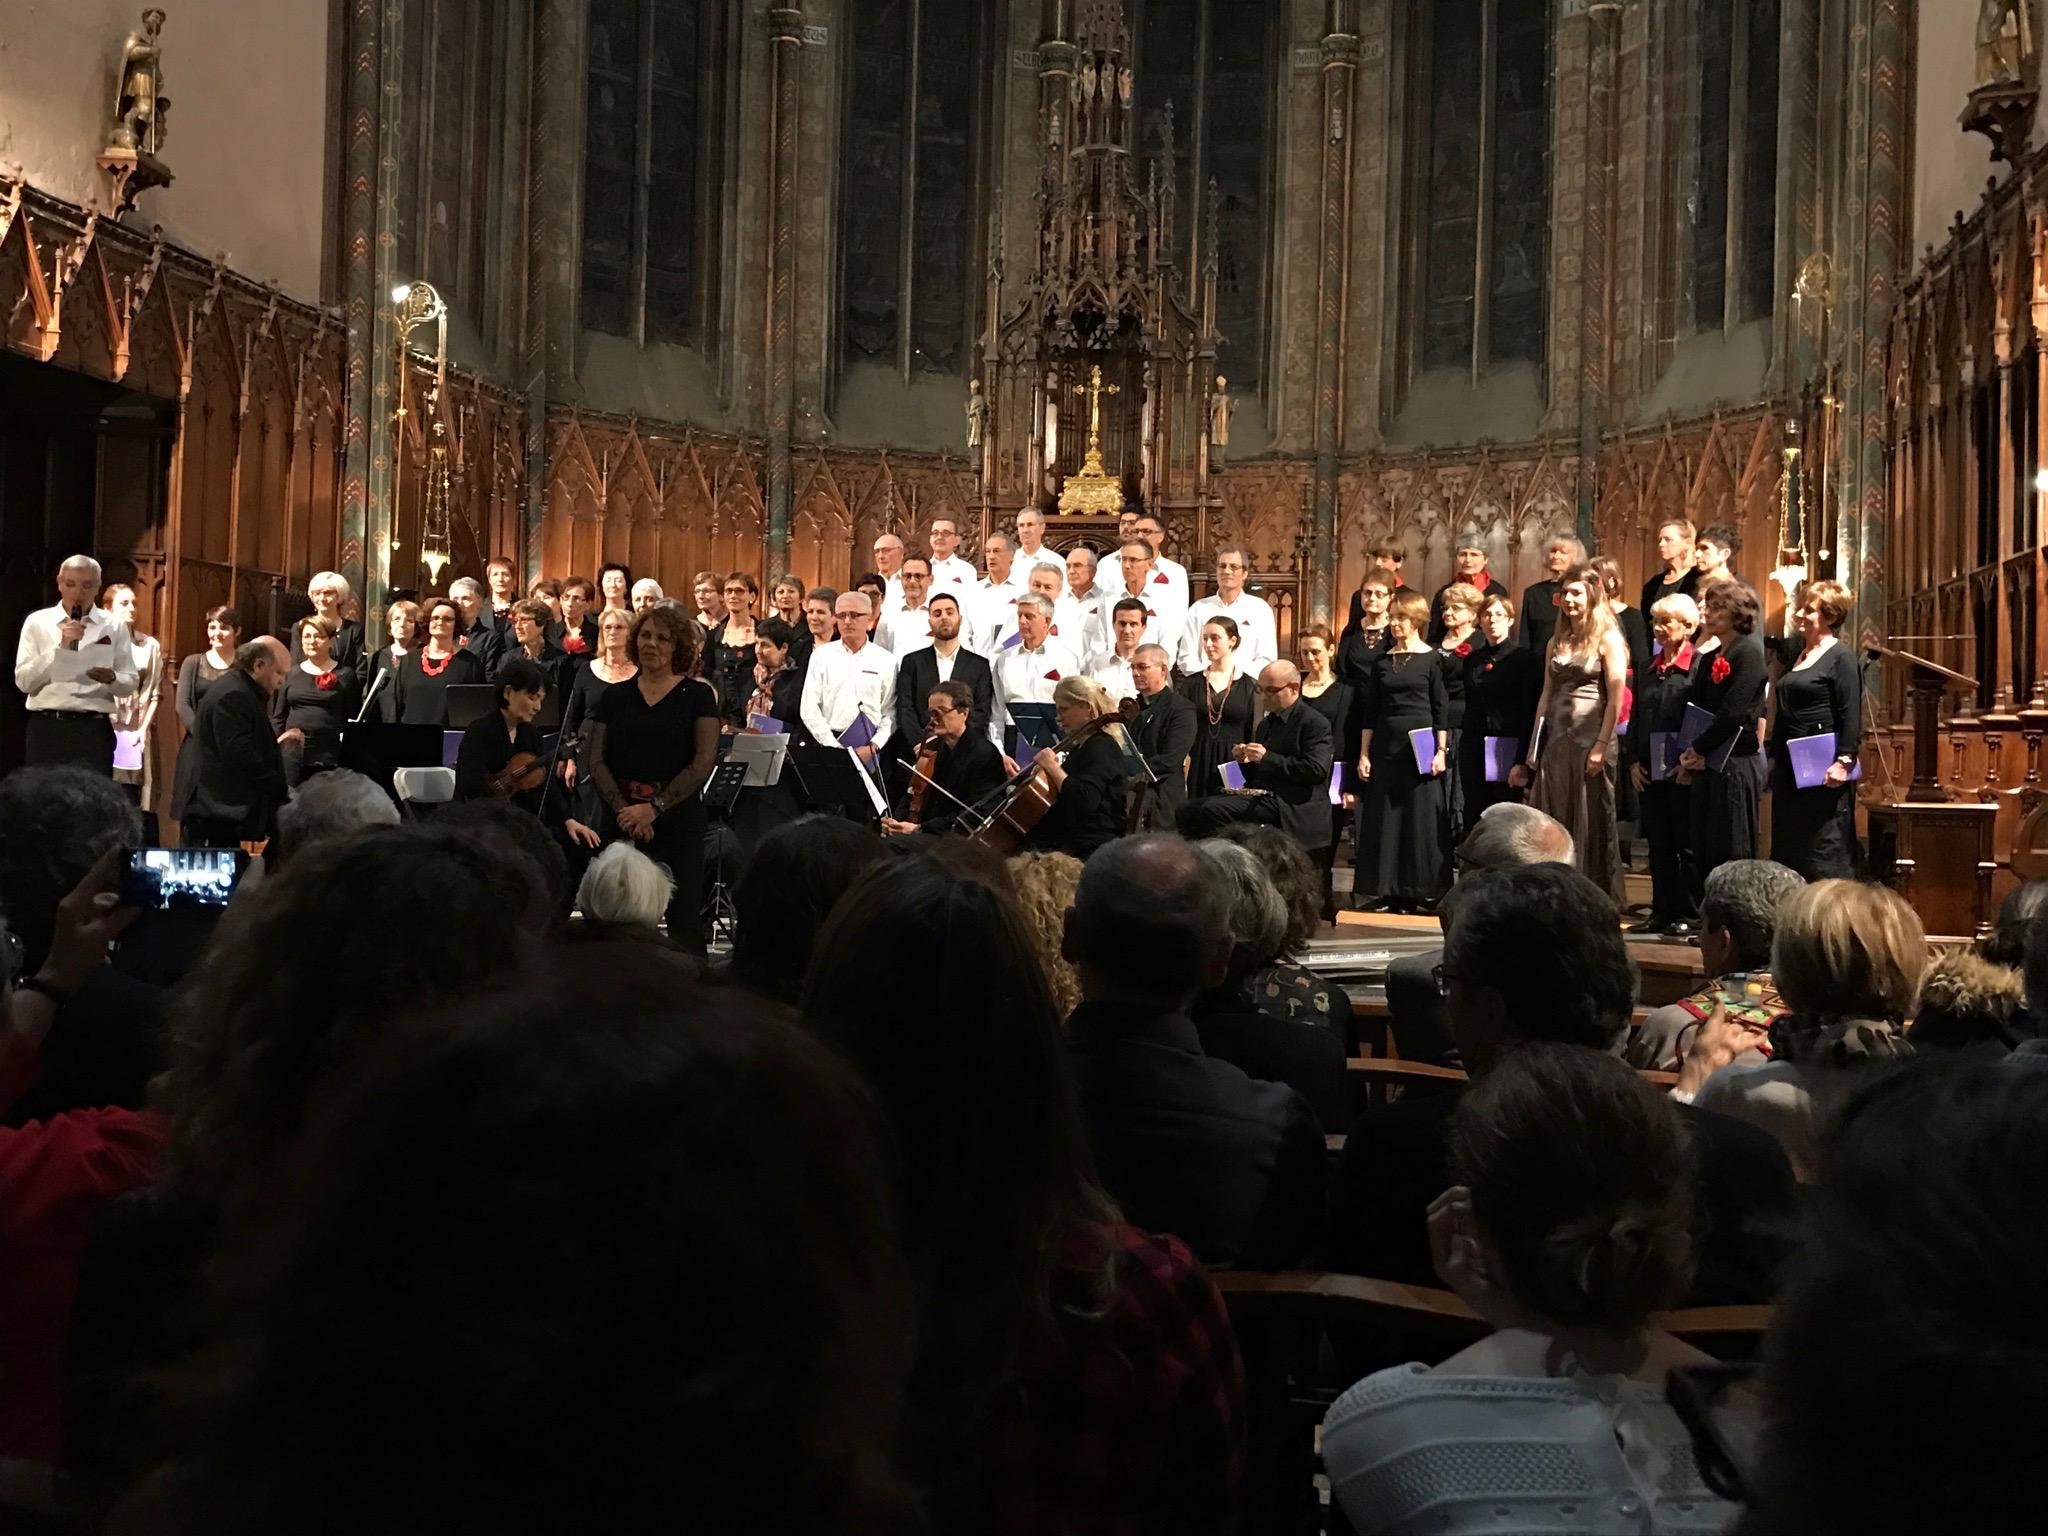 Concet au profit de Auvergne pour un enfant en l'église Saint Genès des Carmes de Clermont Ferrand 18 mars 2017